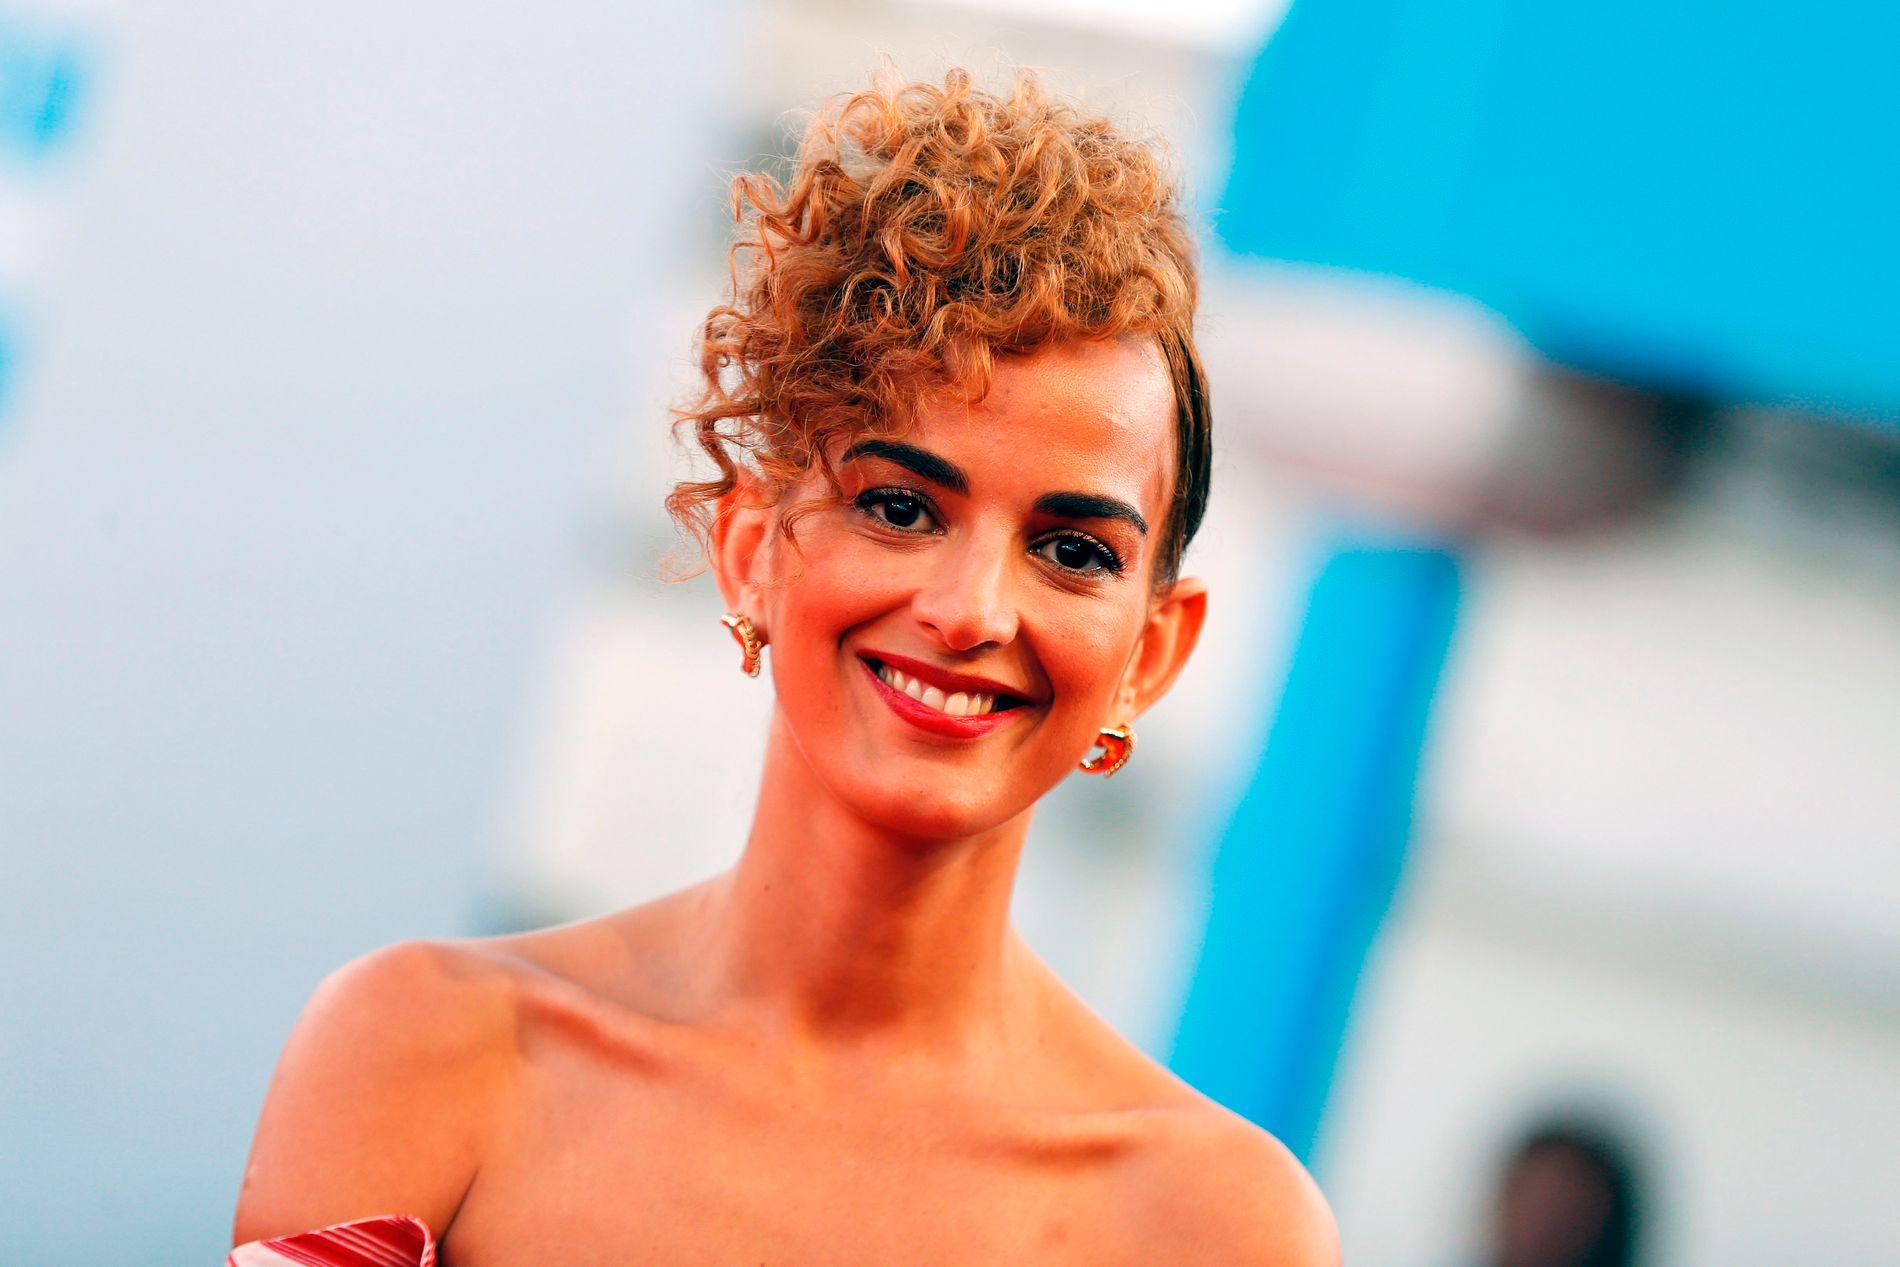 PRISVINNER: LeÏla Slimani (37) er fransk-marokkansk og debuterte med «Dans le jardin de lógre» i 2014. Boken var inspirert av sex-skandalen rundt Dominique Strauss-Kahn. I 2016 kom hennes store gjennombrudd «Vuggesang» som fikk den høythengende Goncourt-prisen og er under oversettelse til 40 språk. Her er hun på rød løper under filmfestivallen i Deauville i fjor.